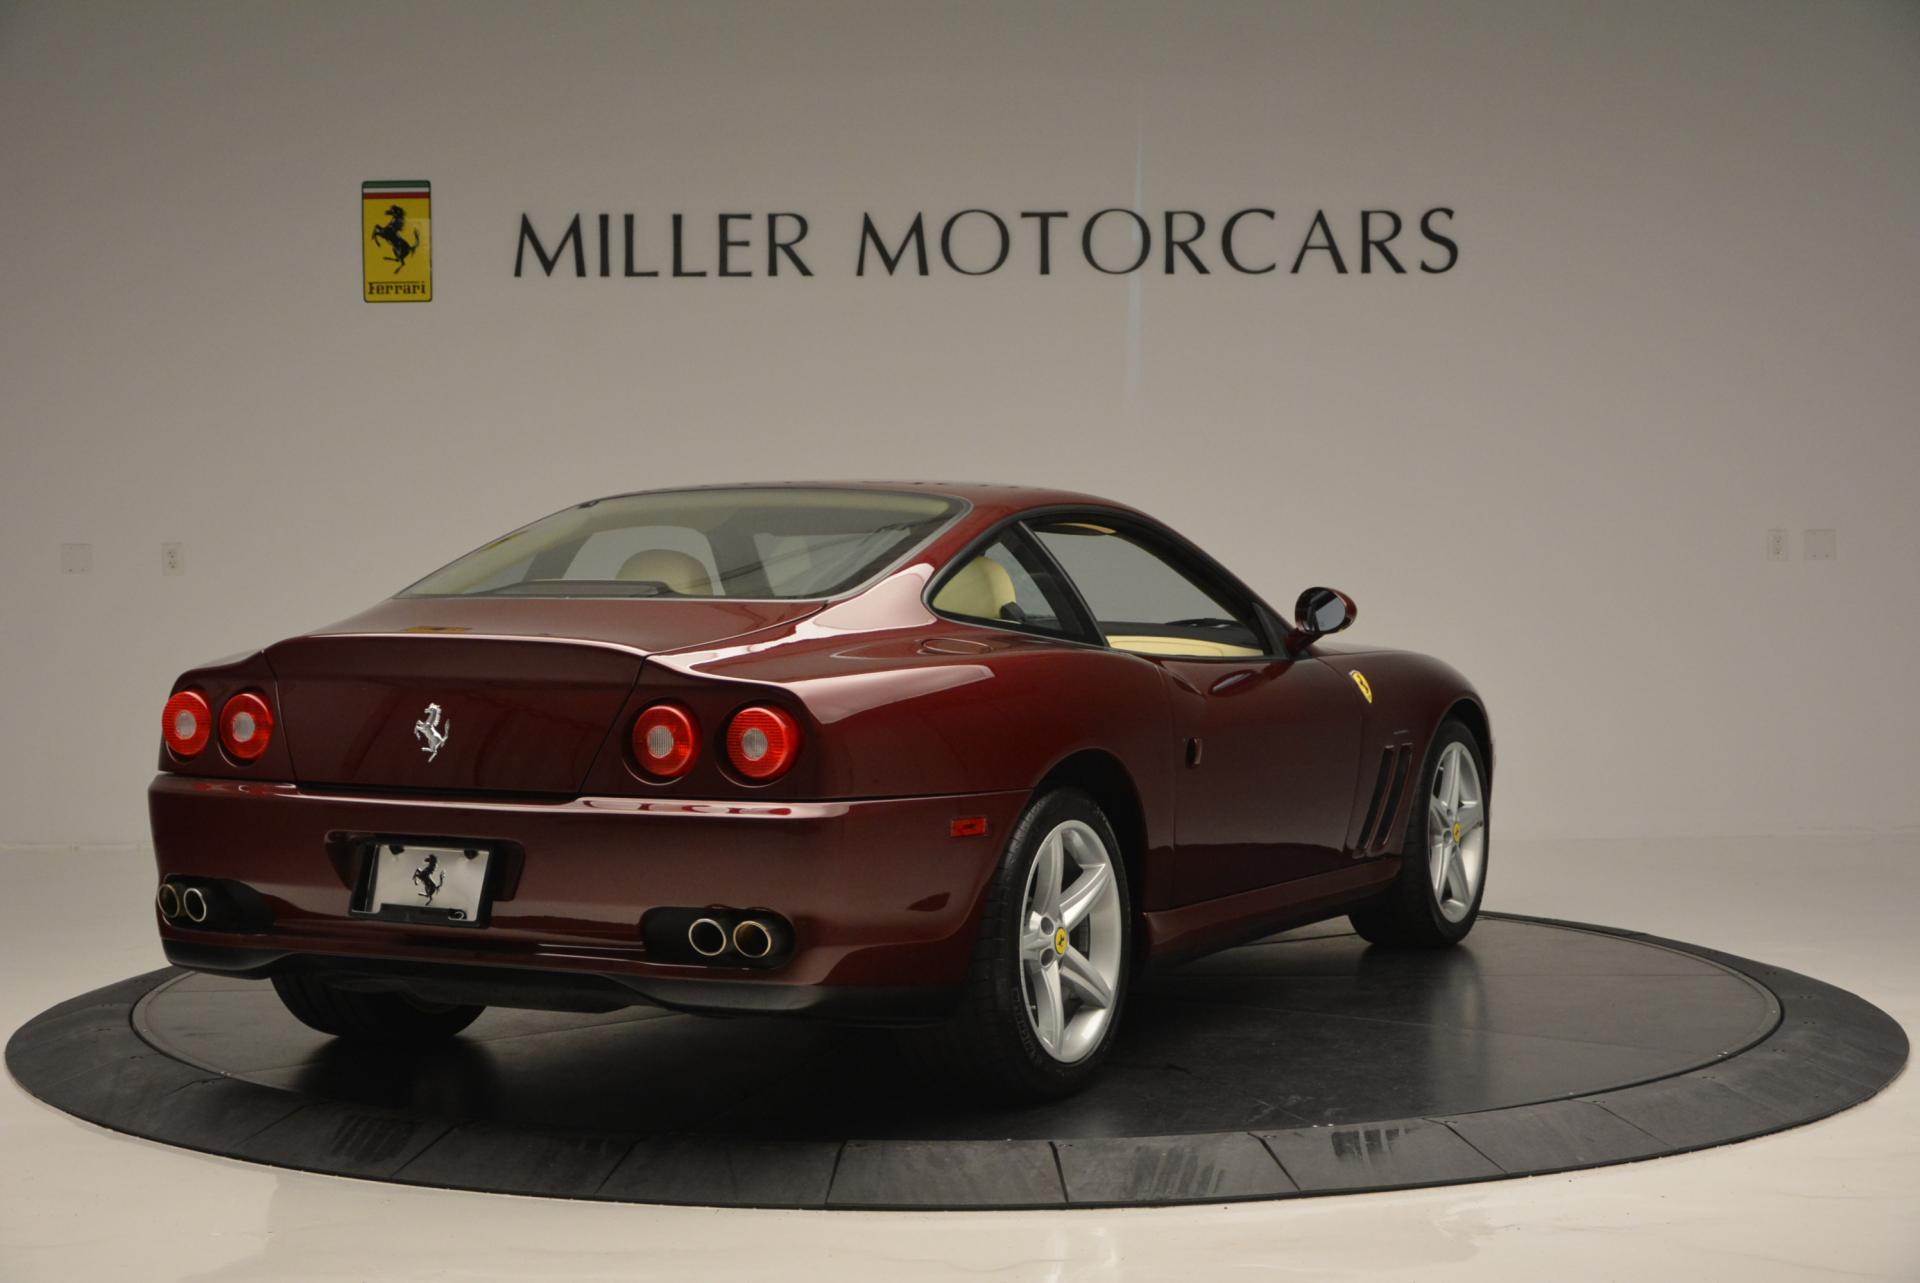 Used 2003 Ferrari 575M Maranello 6-Speed Manual For Sale In Westport, CT 143_p7